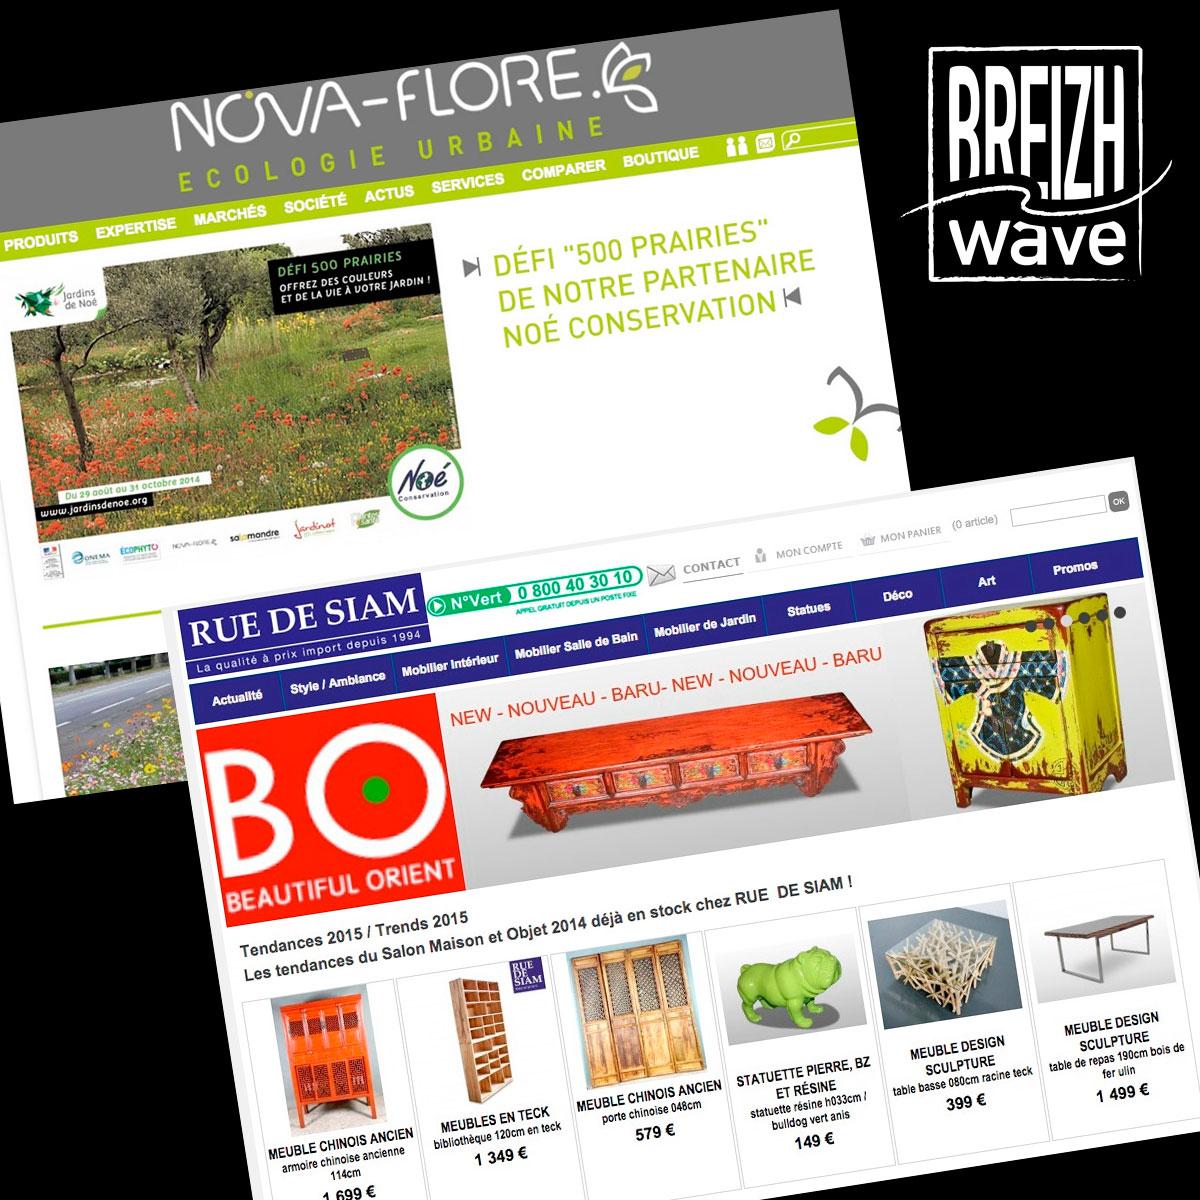 site vente en ligne breizh wave. Black Bedroom Furniture Sets. Home Design Ideas